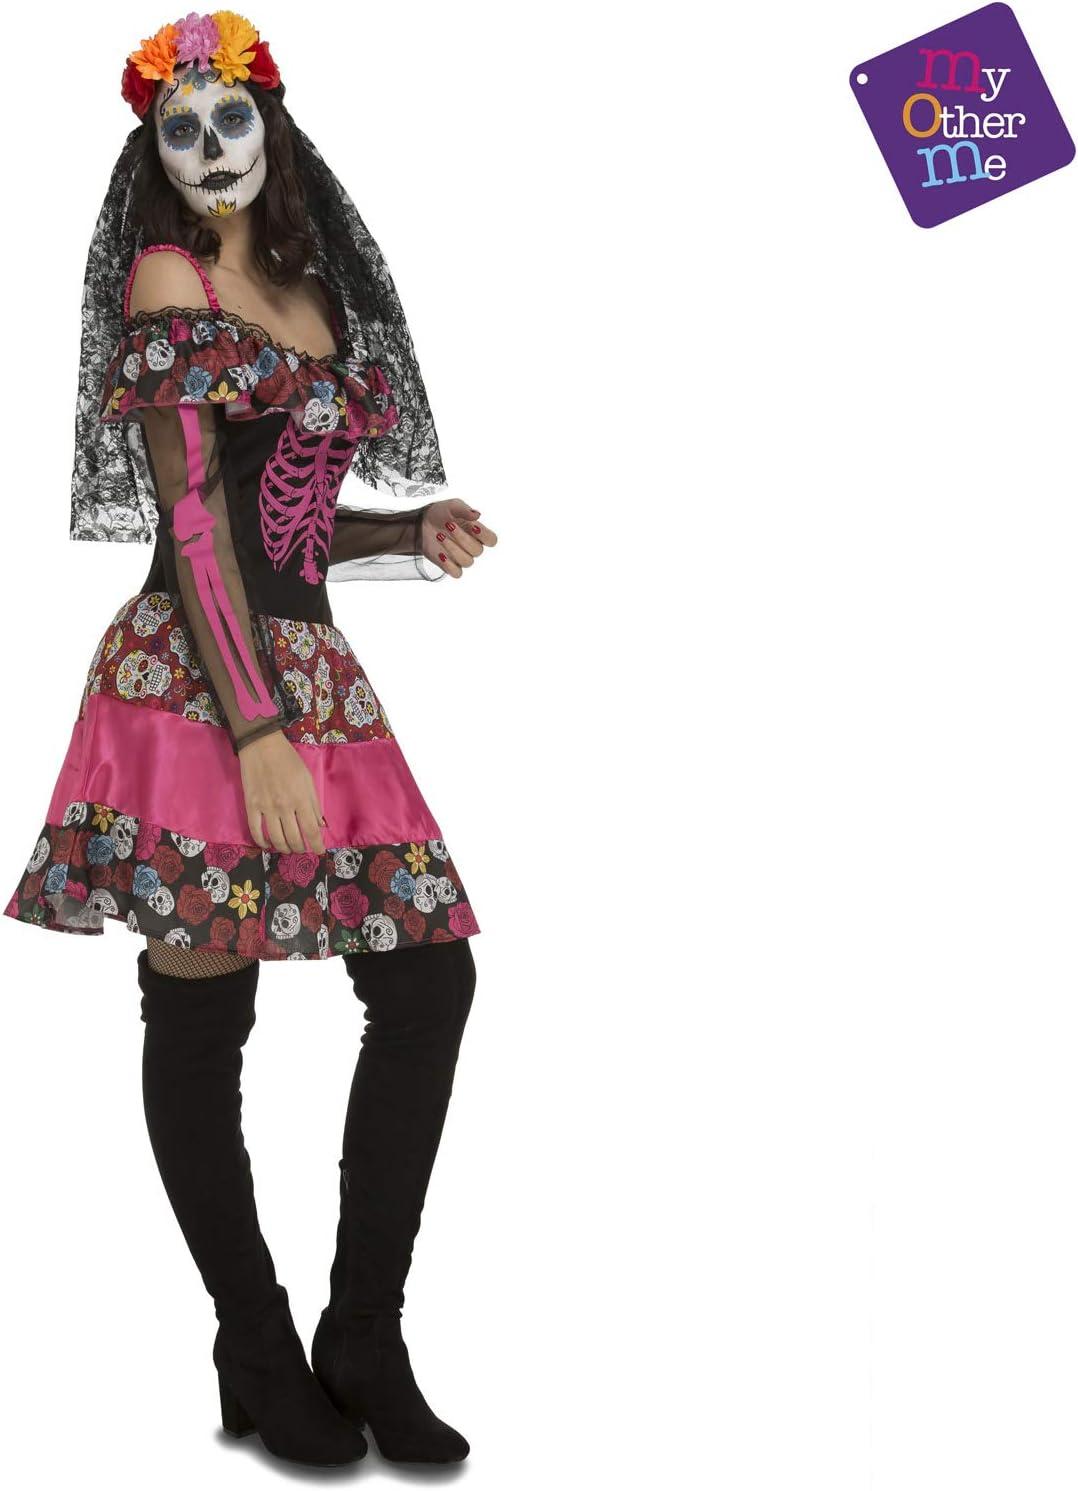 My Other Me Me Me - Día de los Muertos Halloween Catrina Disfraz,, XL (204026)